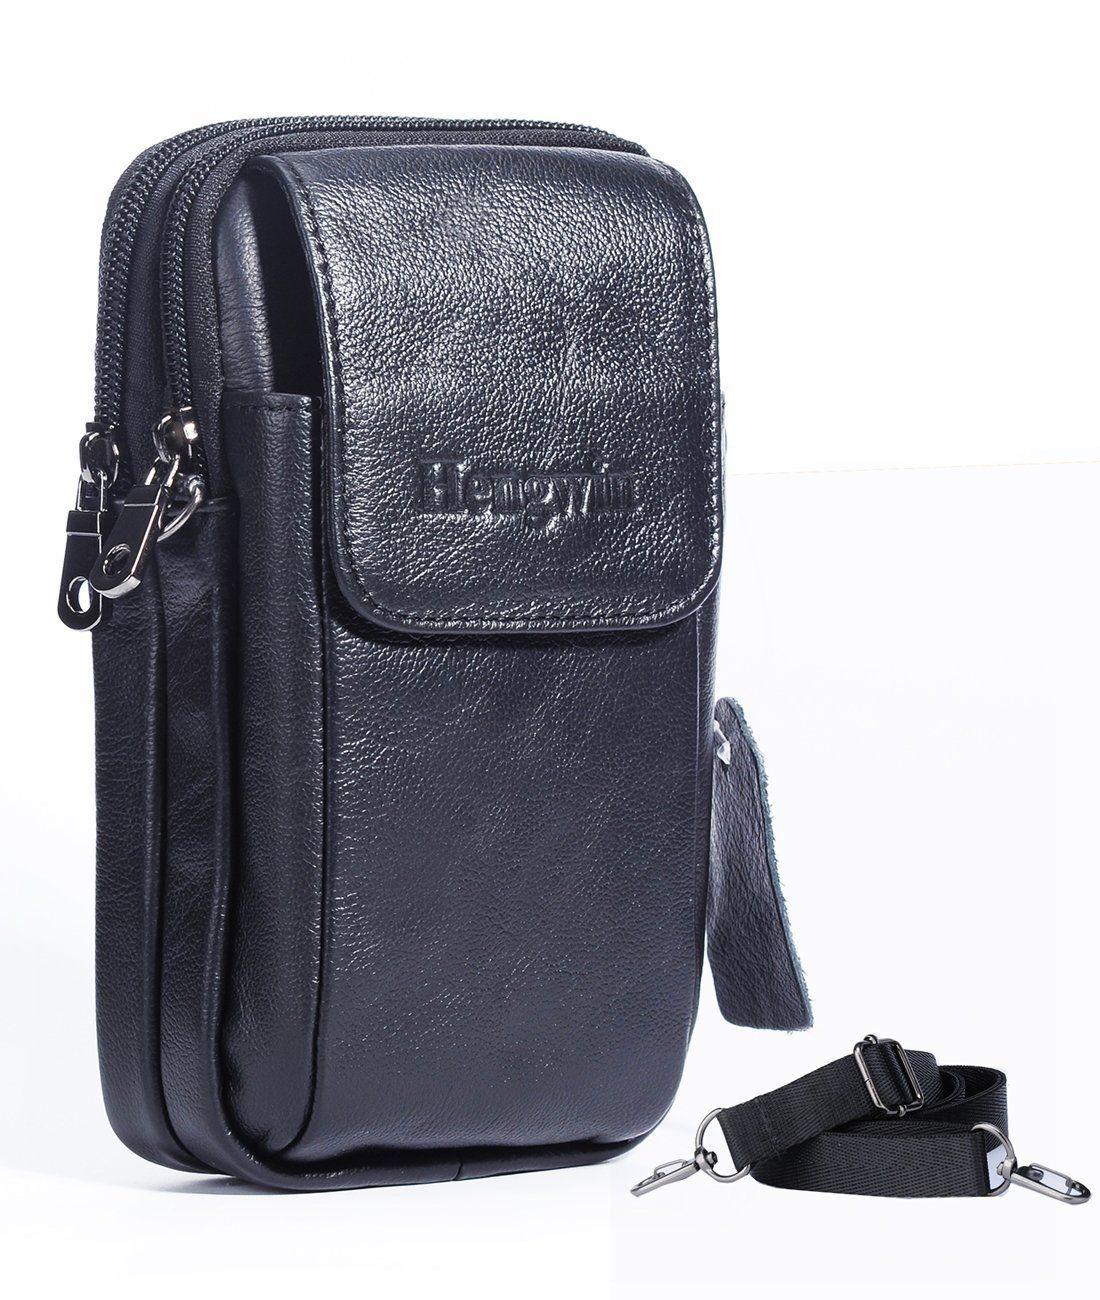 ac097f638673 Genuine Leather Vertical Men Cellphone Belt Loop Holster Case Belt ...